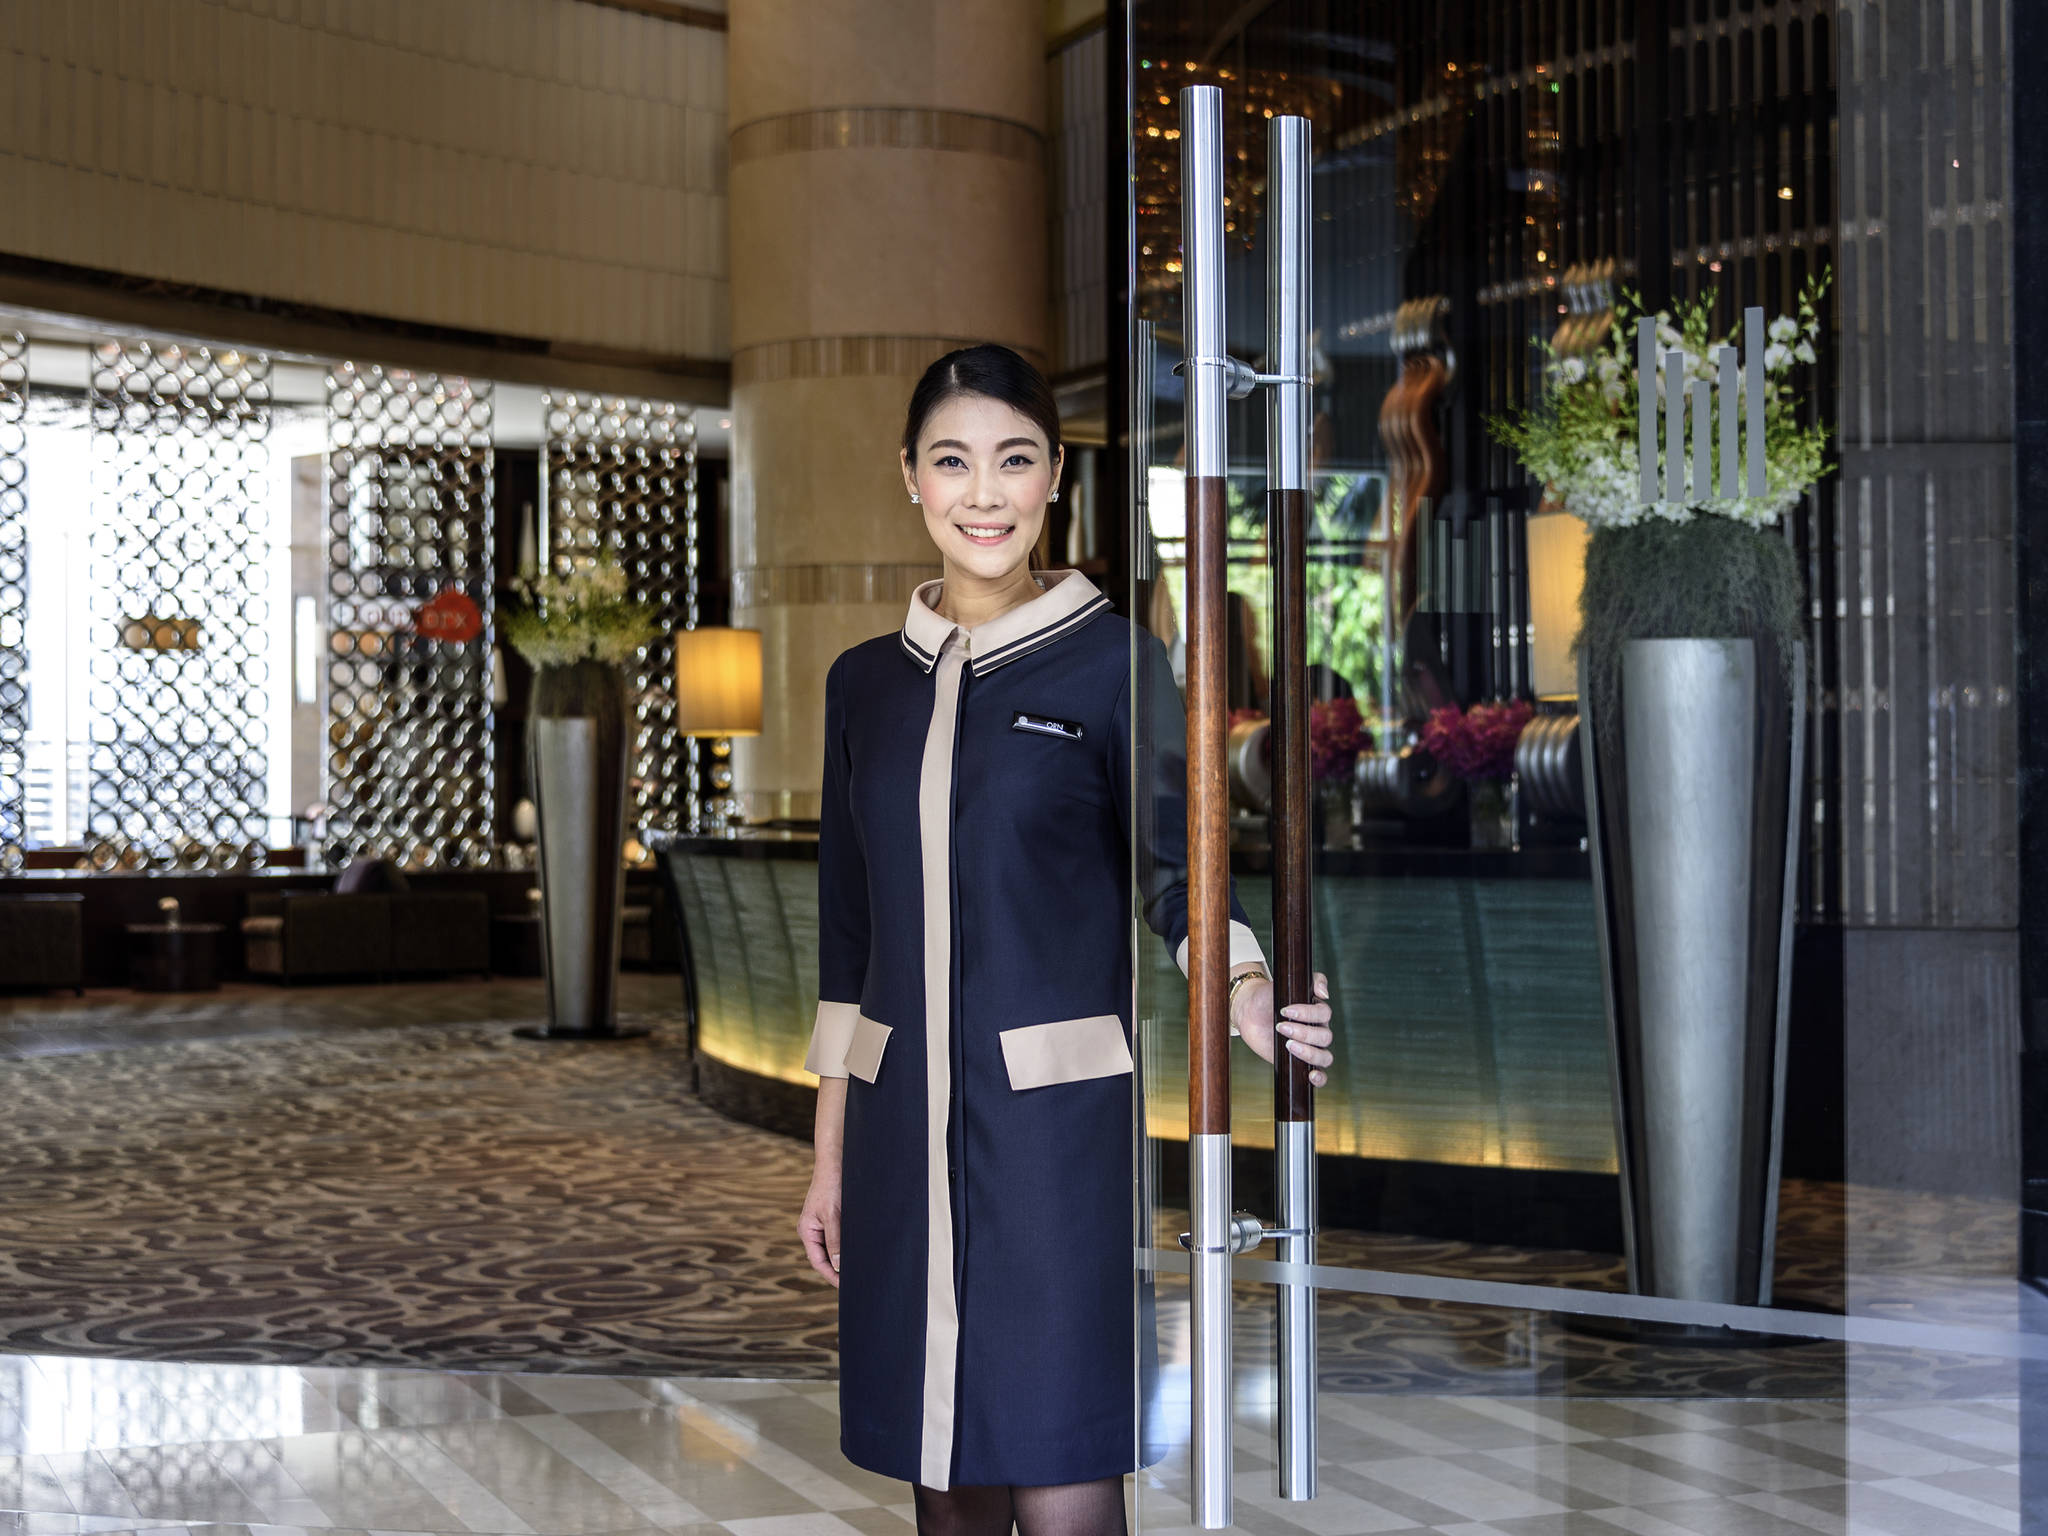 Hotel – Pullman Baotou (abre em dezembro de 2018)